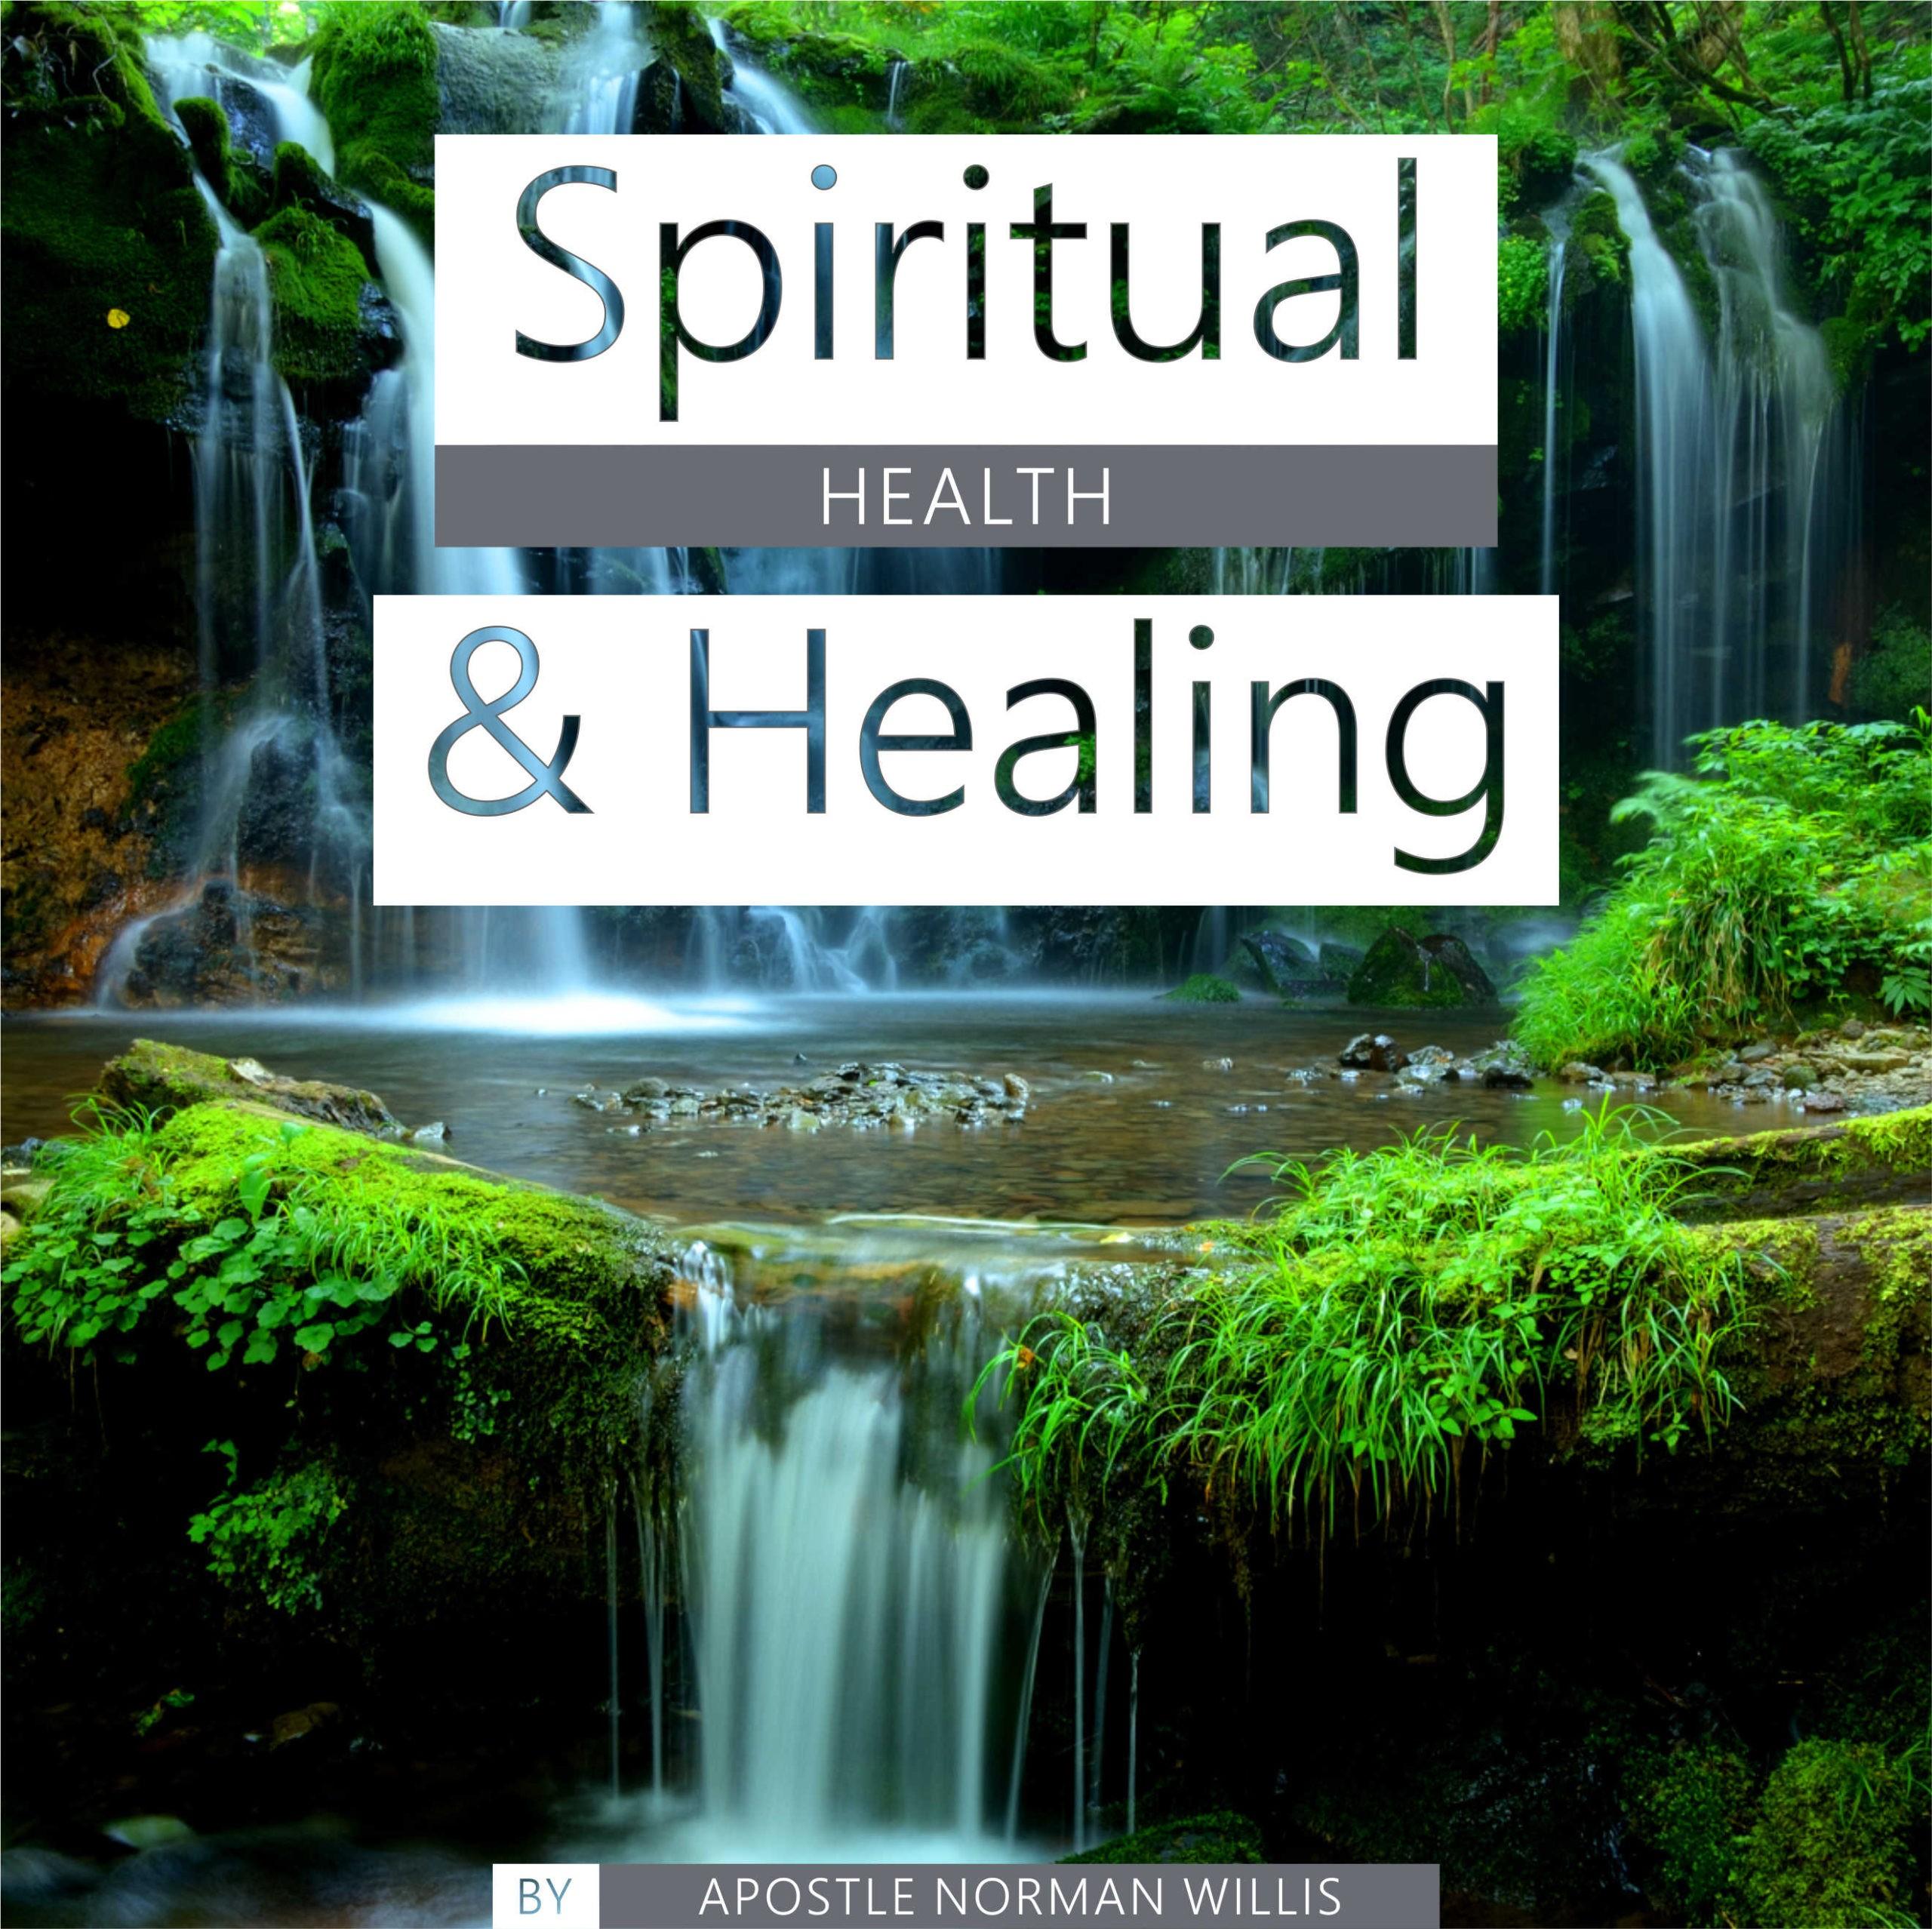 Spiritual Health & Healing